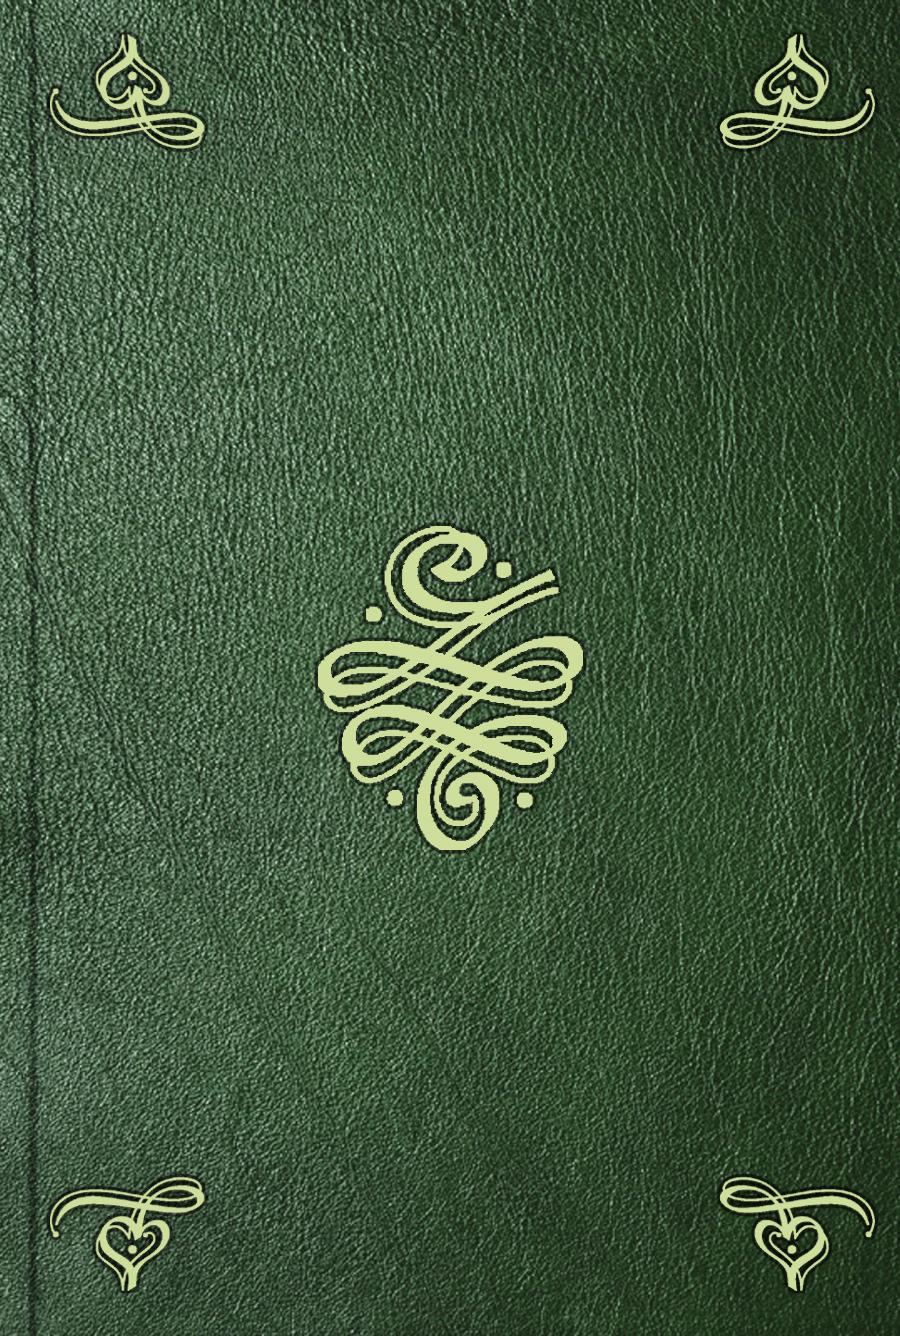 Philipp Konrad Marheinecke Christliche Symbolik. T. 1. Bd. 2 louisa van der does zeichen der zeit zur symbolik der volkischen bewegung